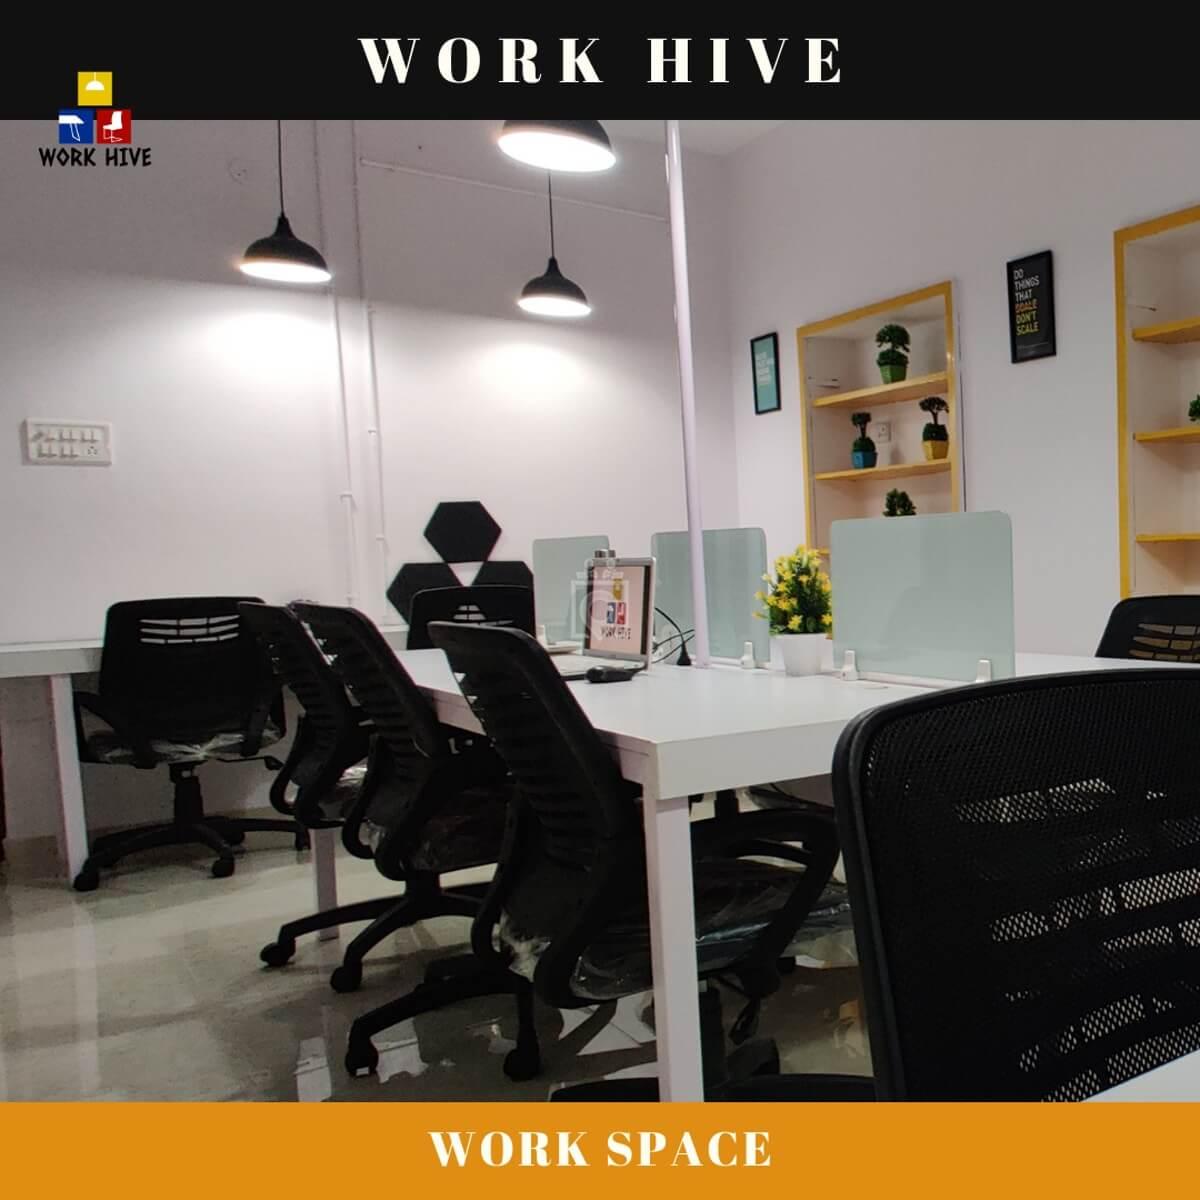 WORK HIVE Vaishali Nagar